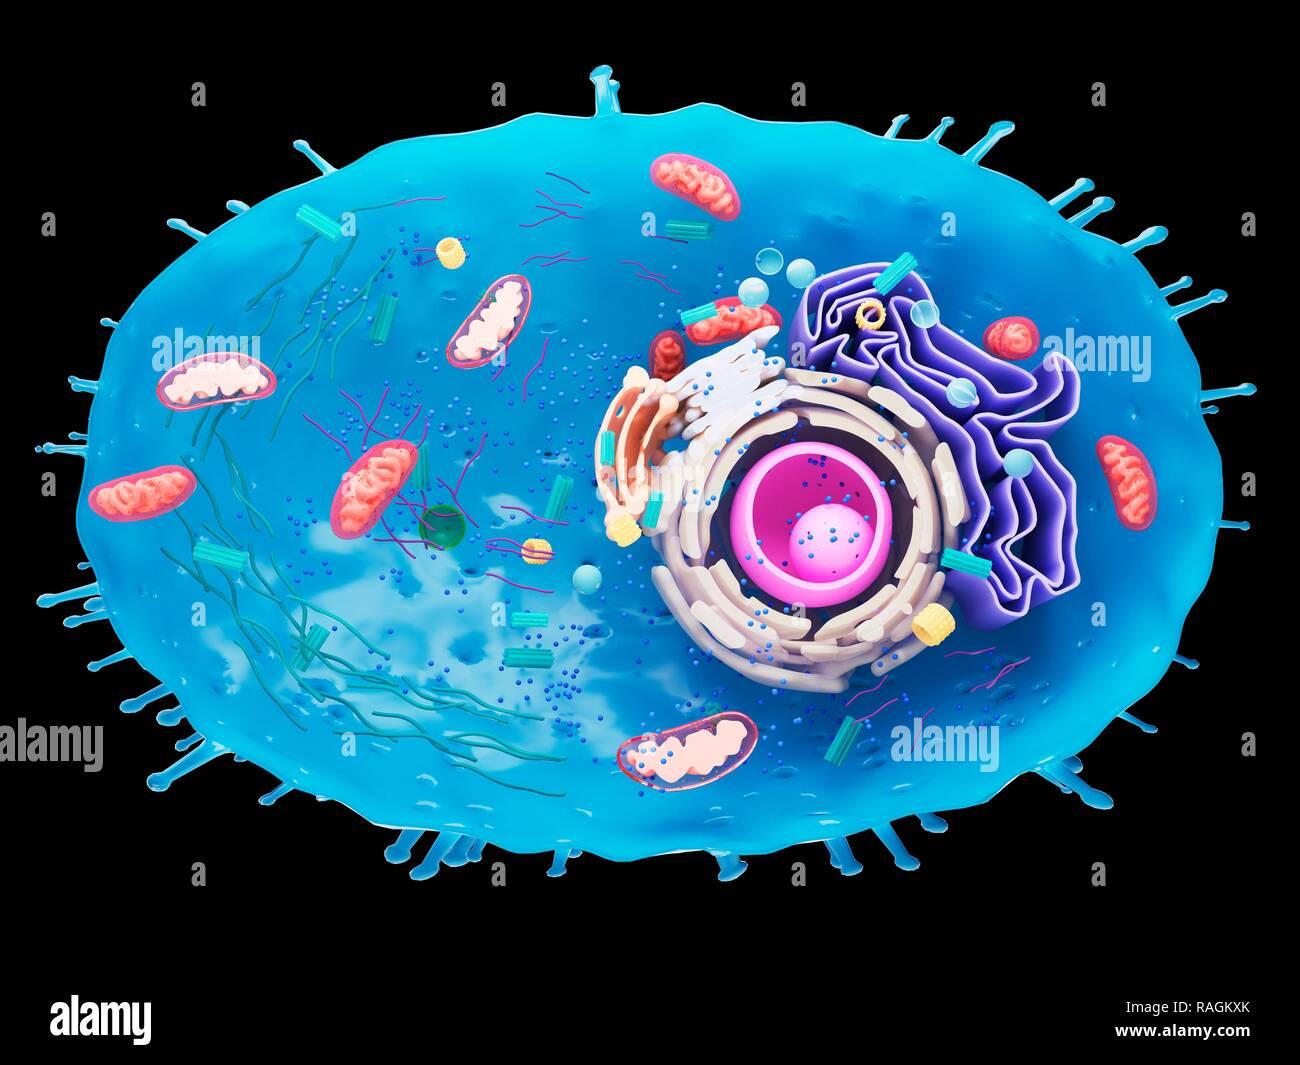 endoplasmic reticulum images.html